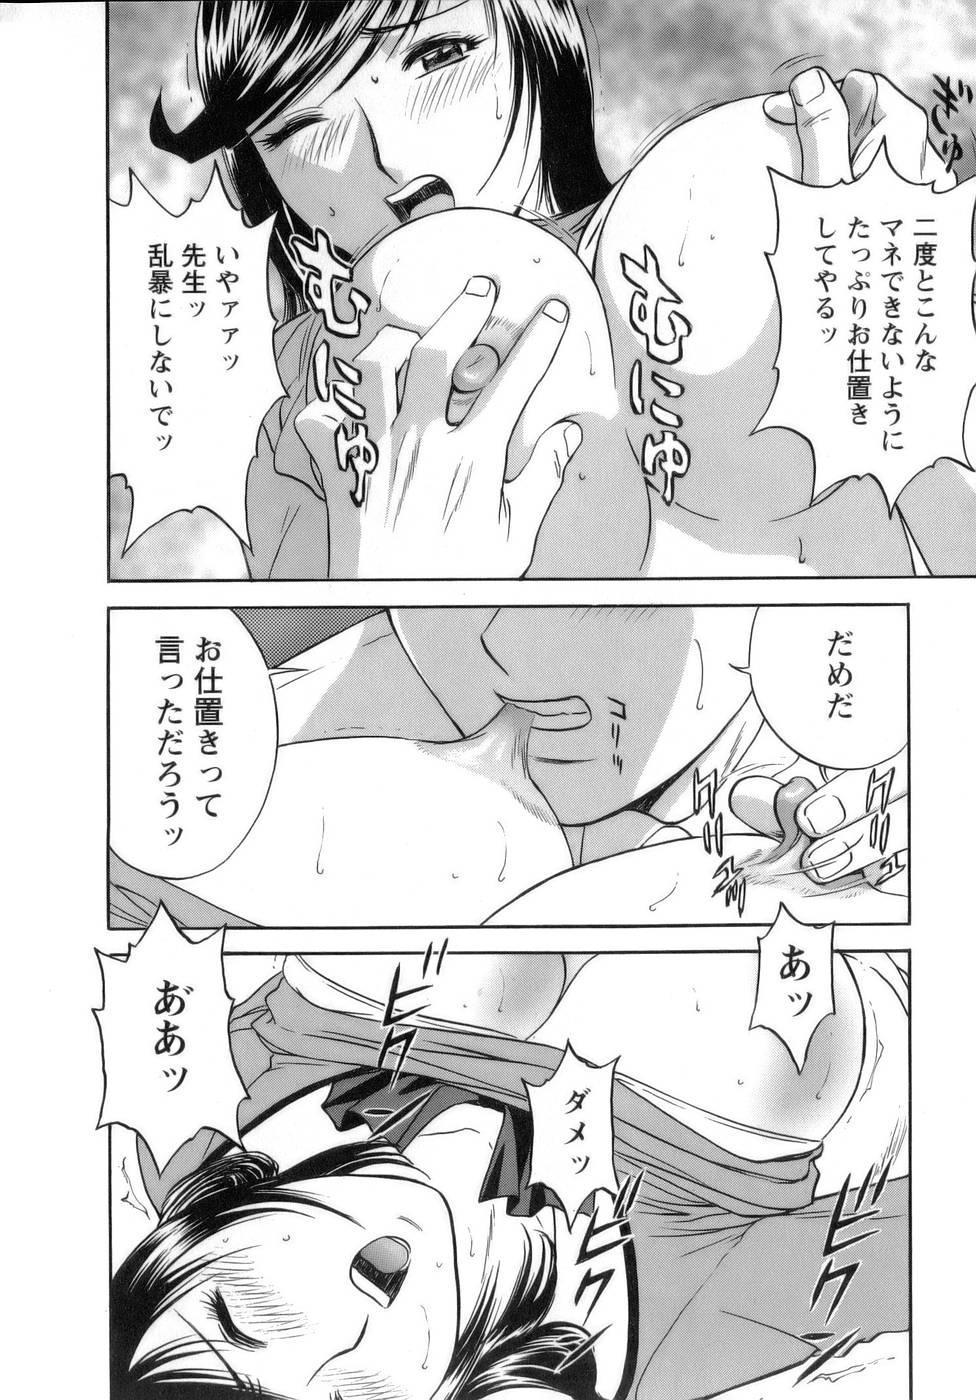 [Hidemaru] Mo-Retsu! Boin Sensei (Boing Boing Teacher) Vol.1 103